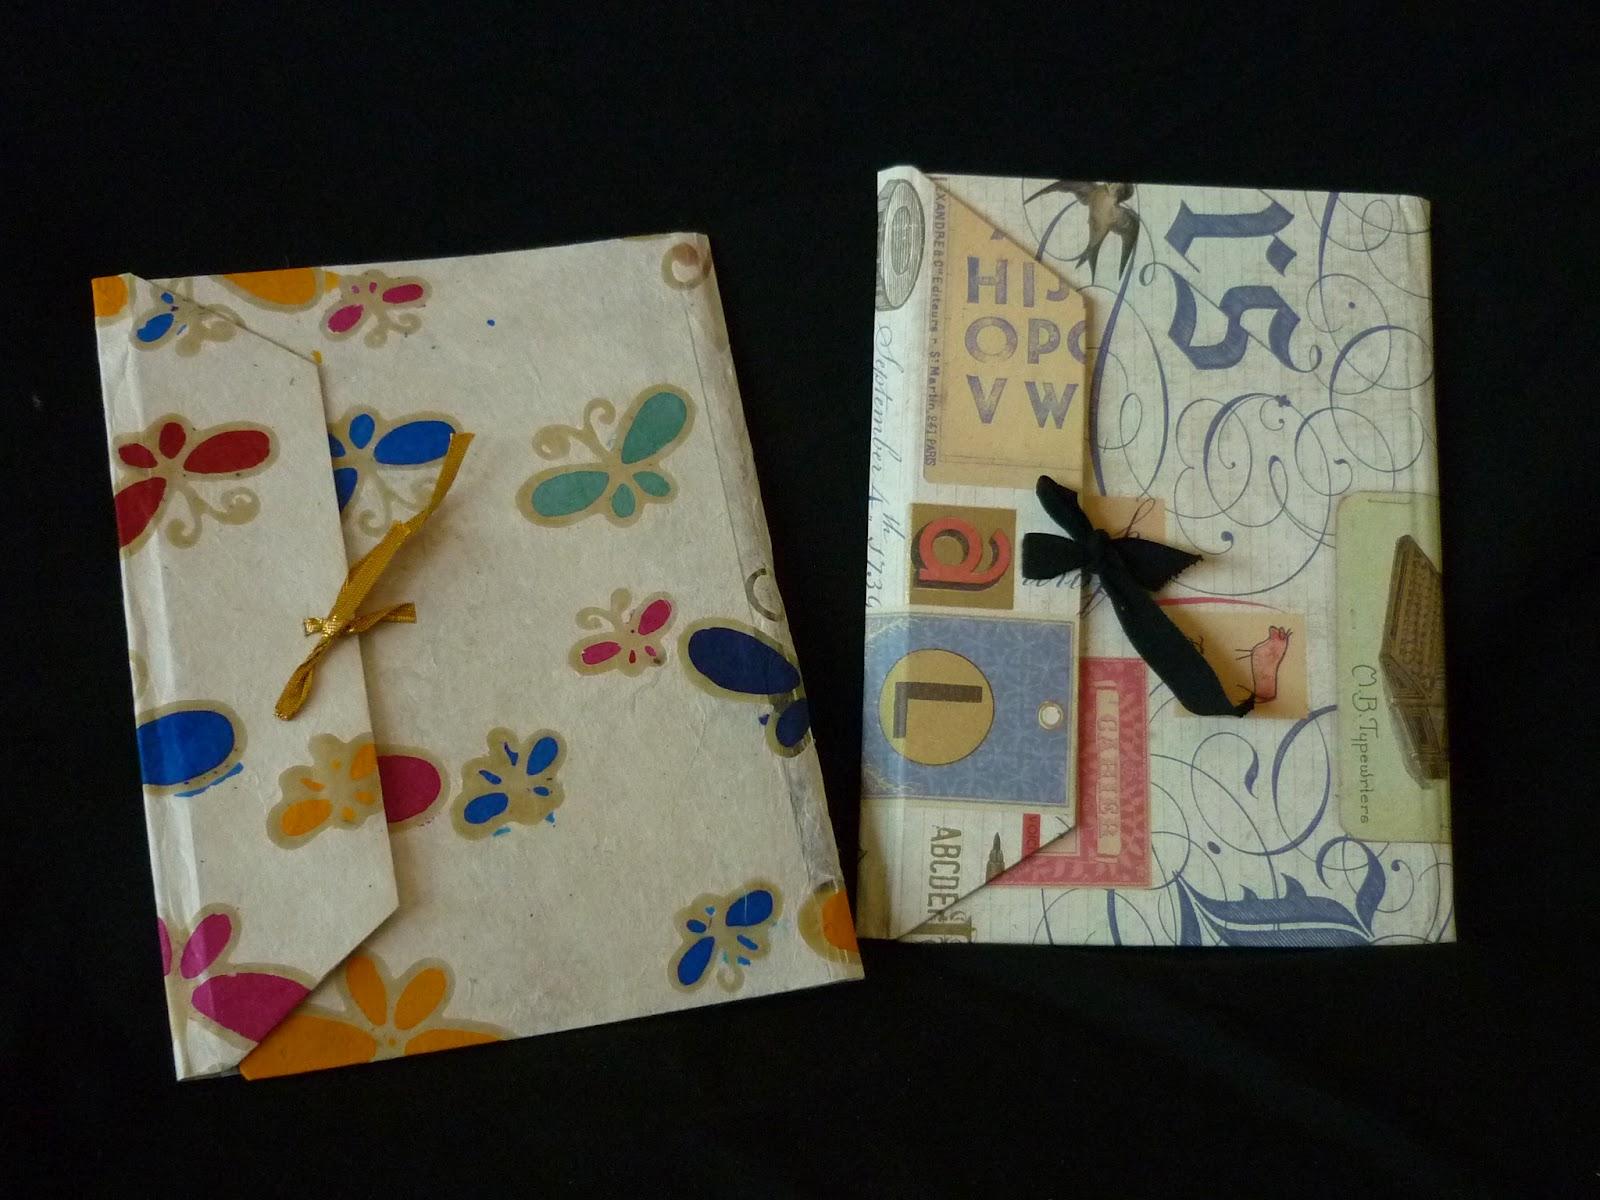 Artesan as leomar cuadernos y libretas de papel y tela 4 - Papel y telas ...